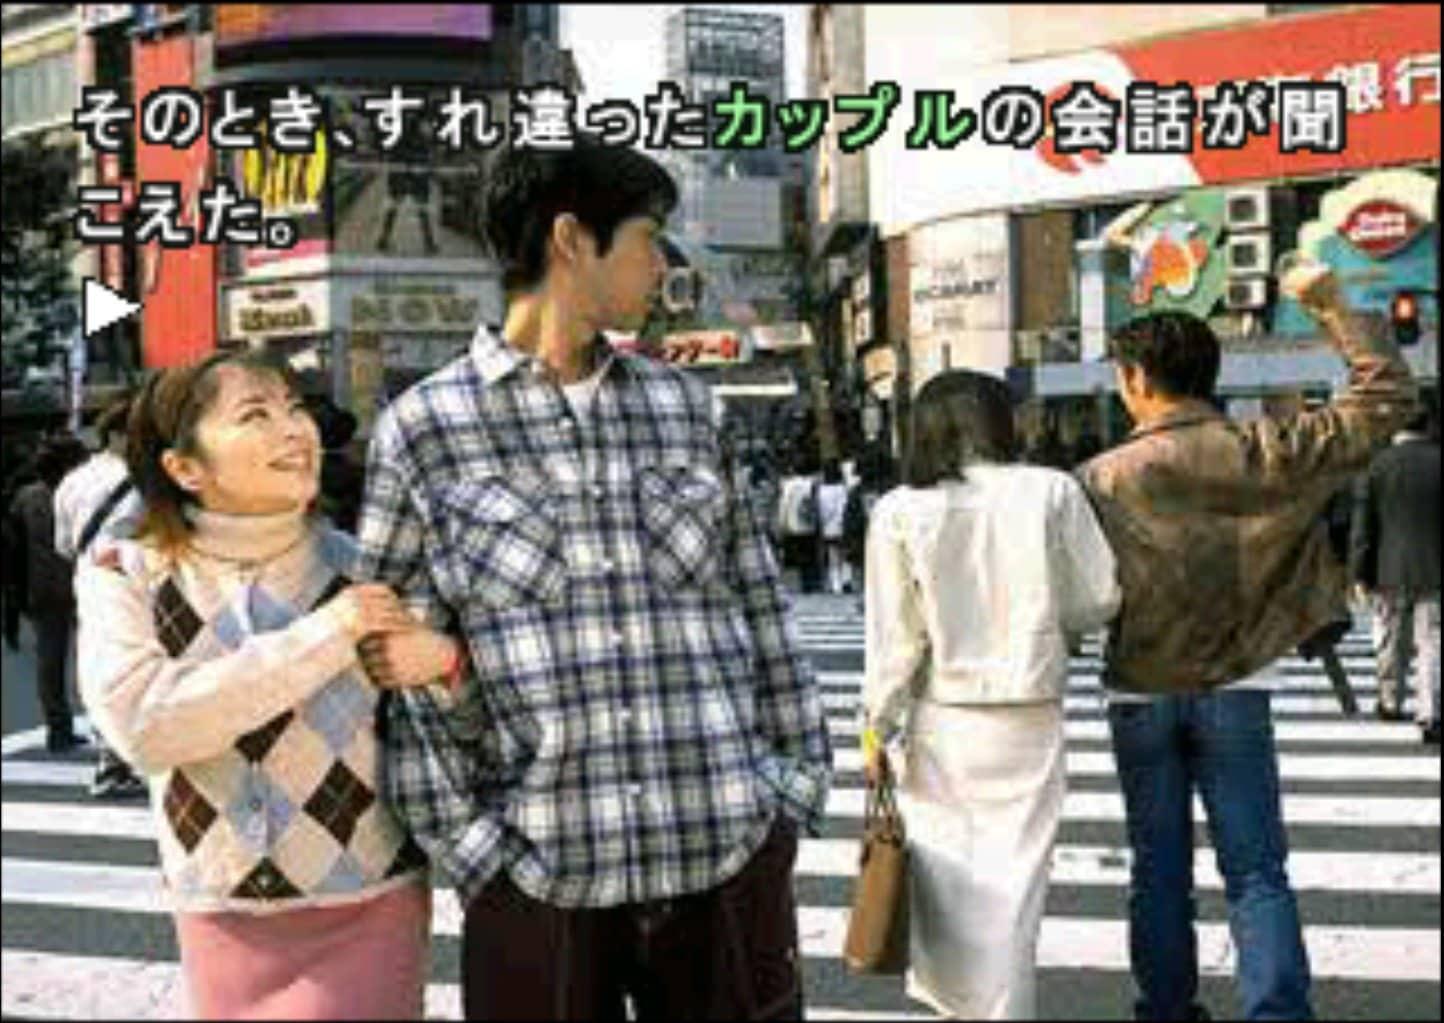 無名時代の窪塚洋介さんも出演、伝説の実写ゲーム『街』の圧倒的見せ方【ヤマグチクエスト・コラム】の画像013